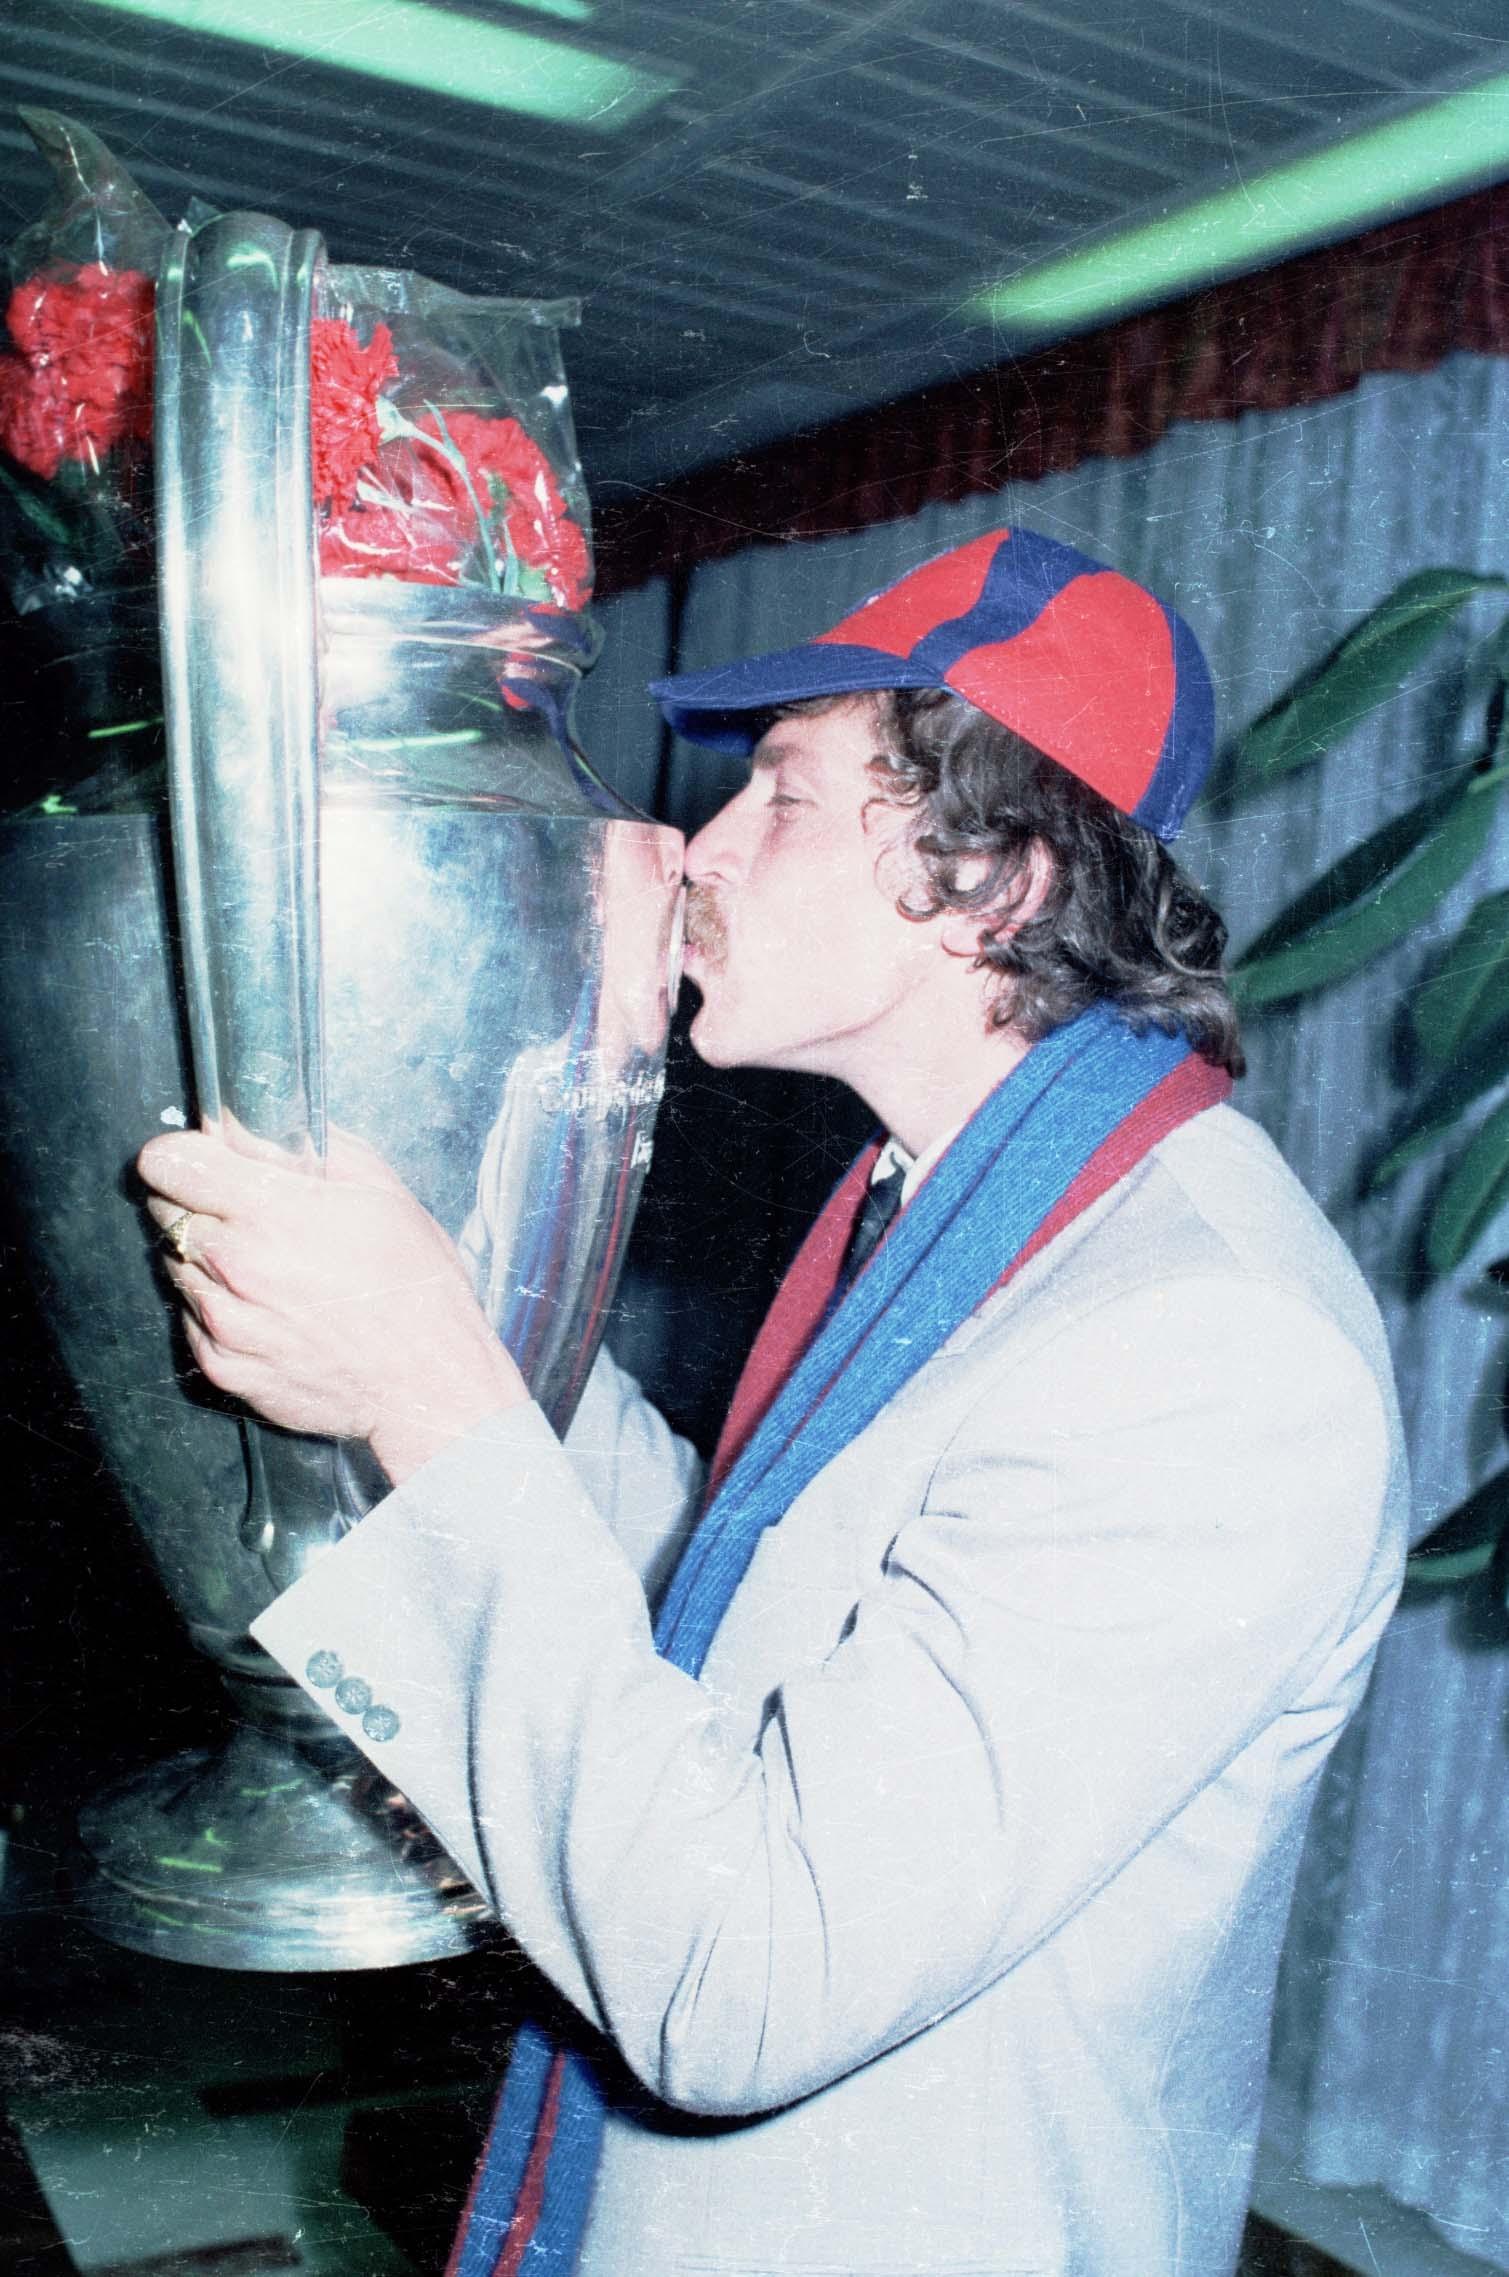 Helmut Duckadam, intrat în cartea recordurilor pentru cele 4 lovituri de departajare apărate împotriva Barcelonei, sărută Cupa Campionilor Europeni, trofeu pe care l-a cucerit alături de colegii săi